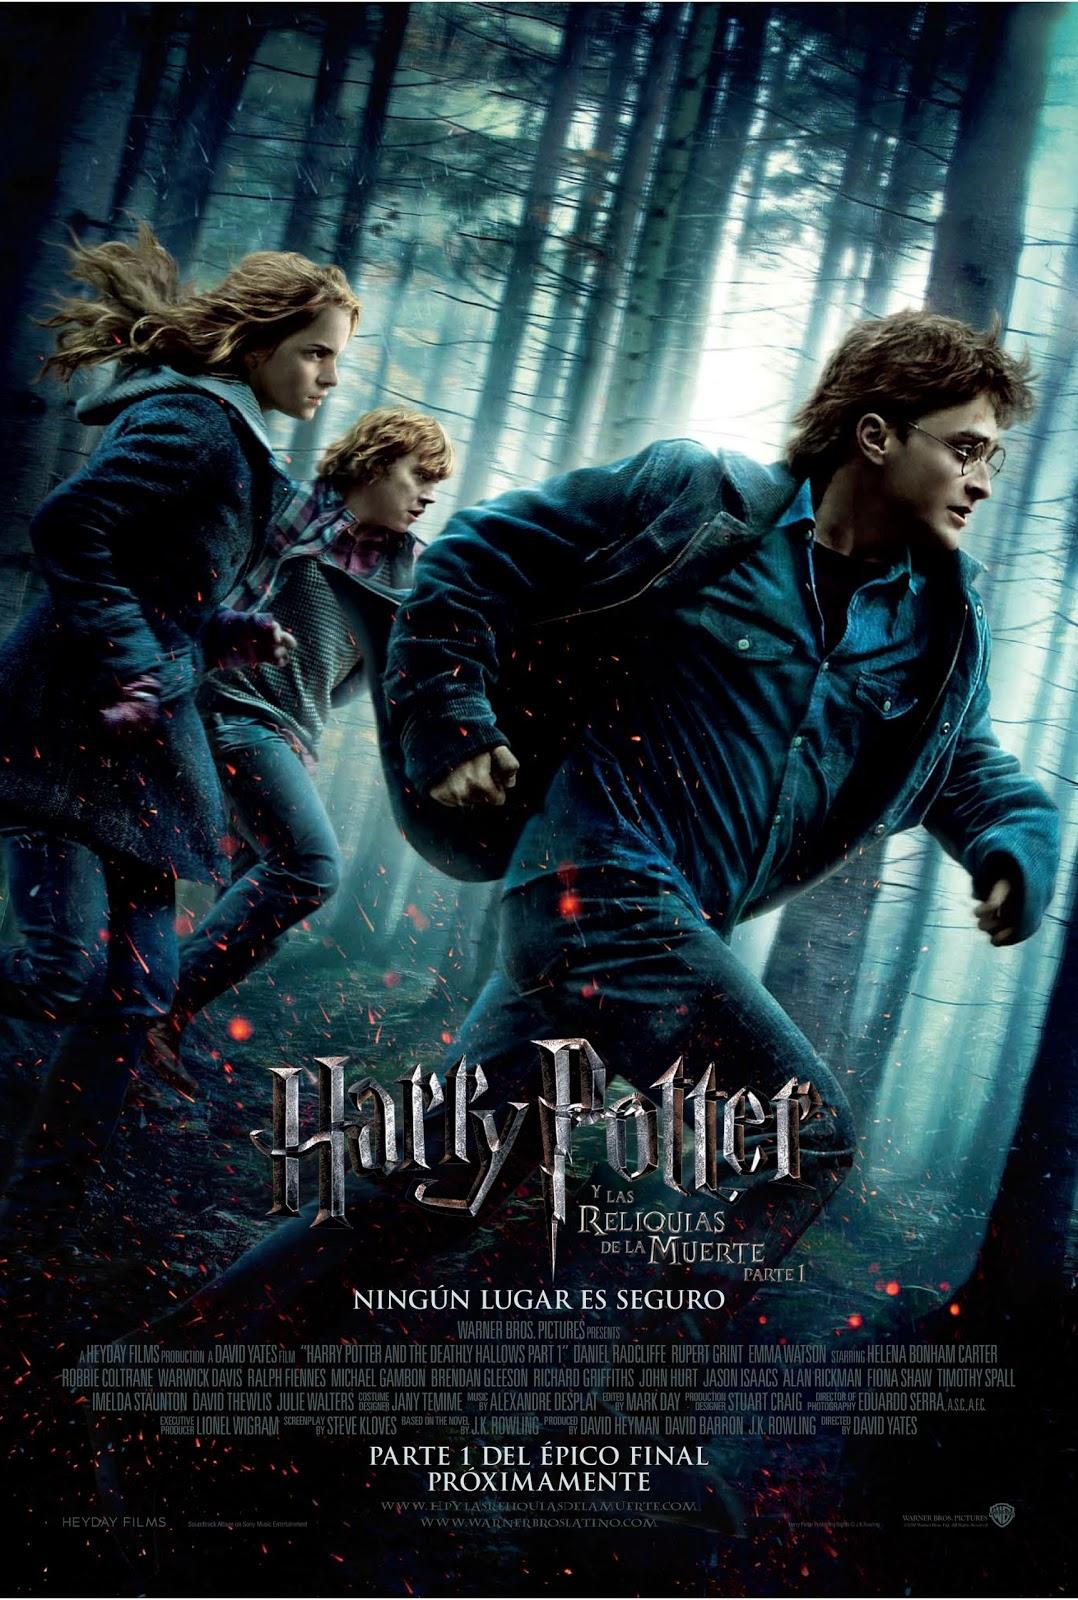 http://4.bp.blogspot.com/_bPwDbFivsEw/TOU0mad4oDI/AAAAAAAAC5g/cy5J9If2HzU/s1600/Harry-Potter-7.jpg